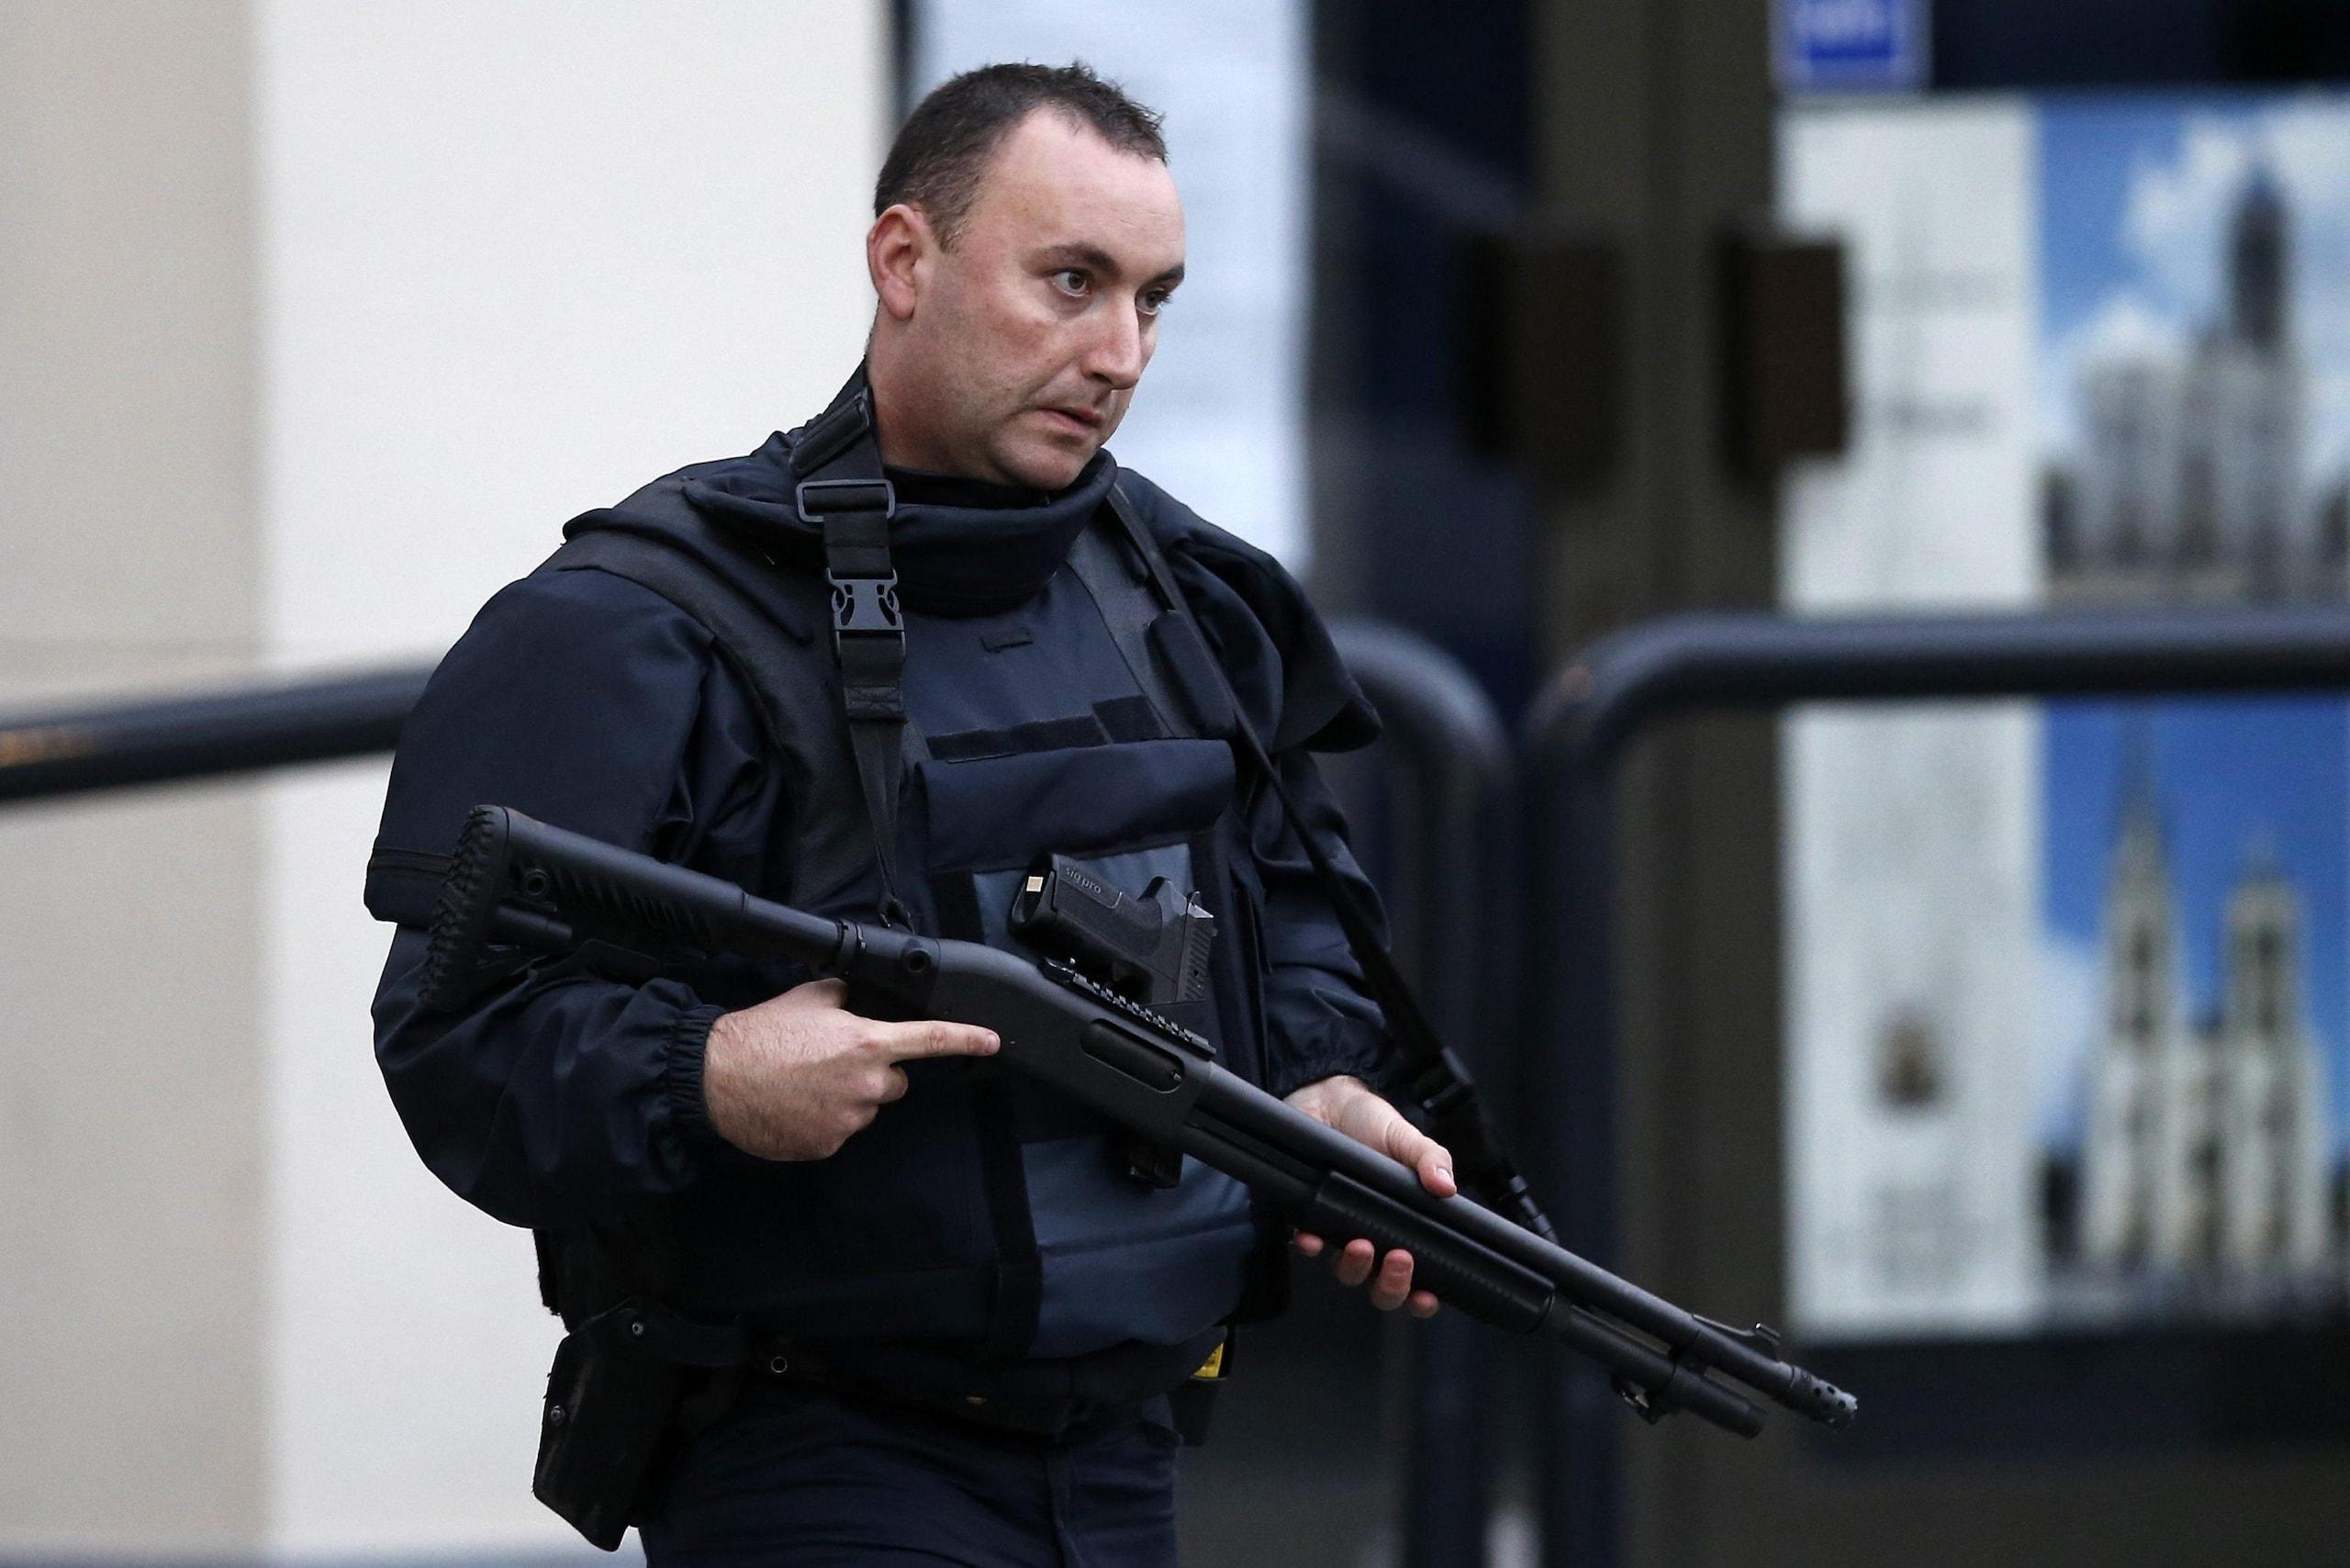 Parigi, blitz anti terrorismo a Saint Denis: donna kamikaze si fa esplodere